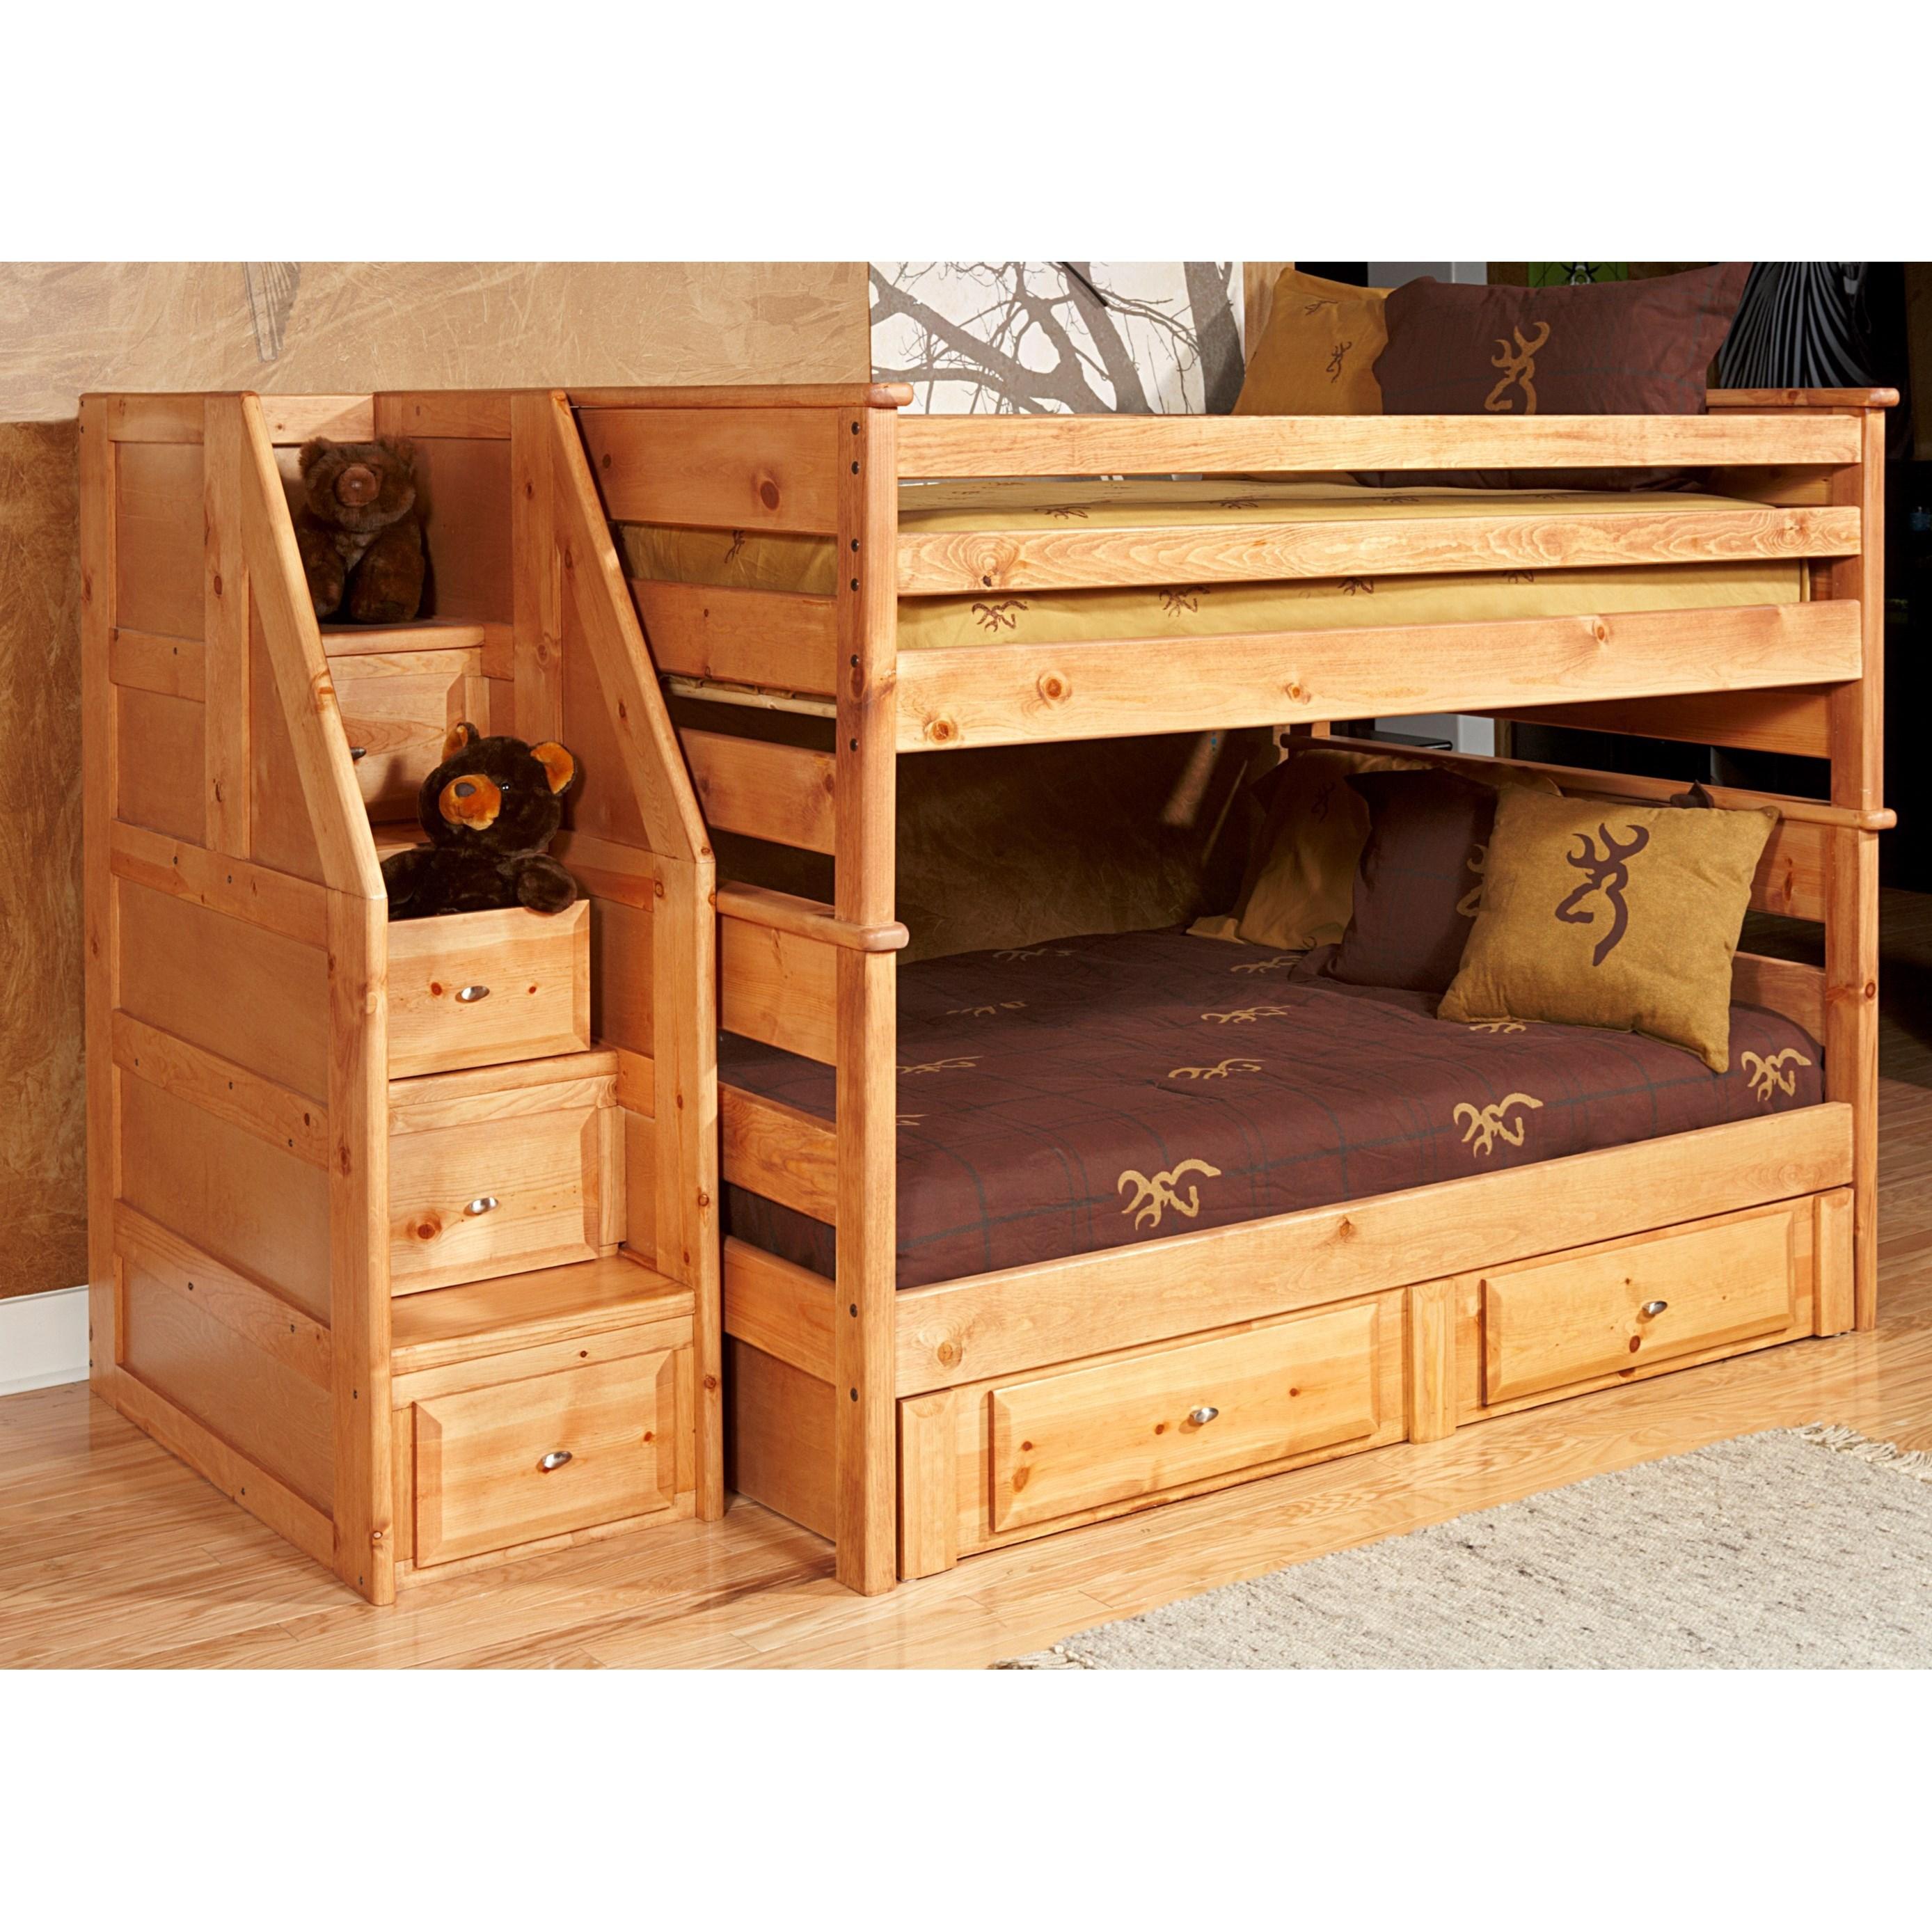 Images Furnituredealer Net Img Products 2ftrendwoo